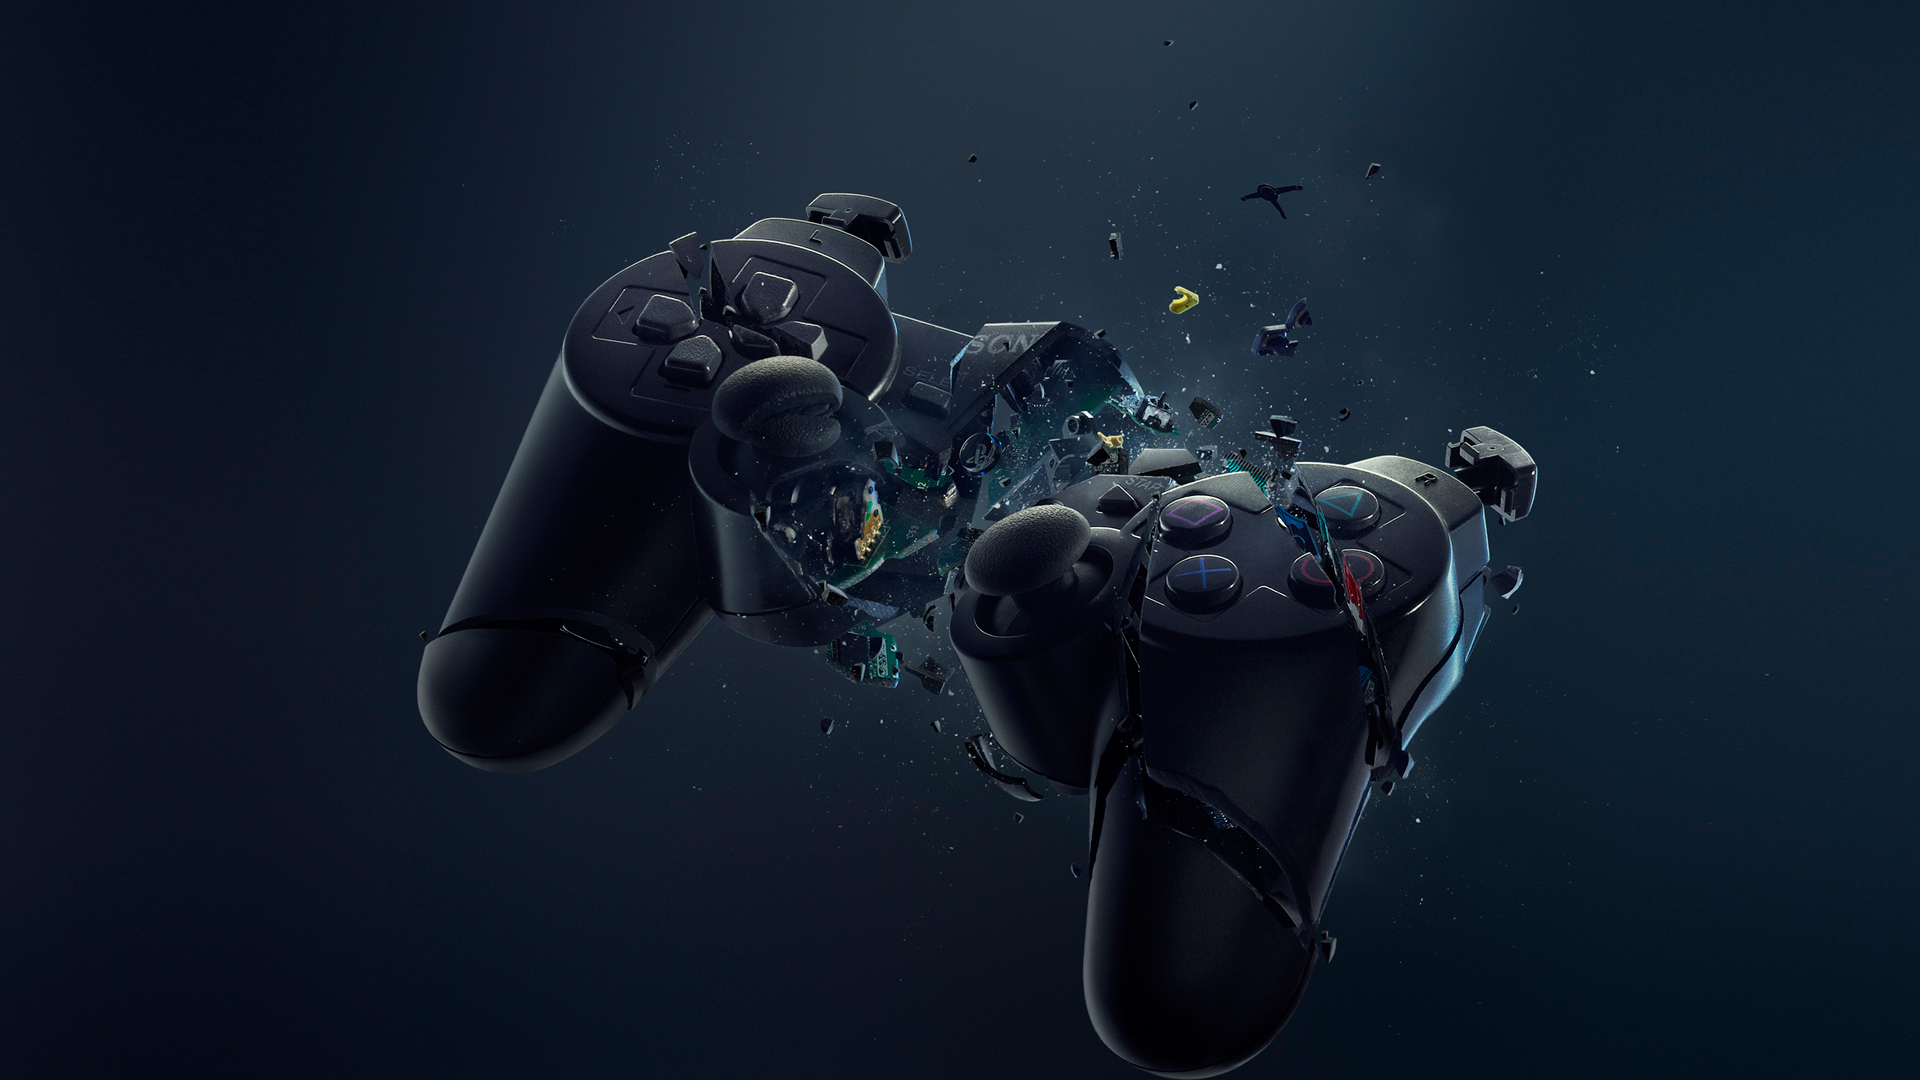 Boom Dualshock Controller